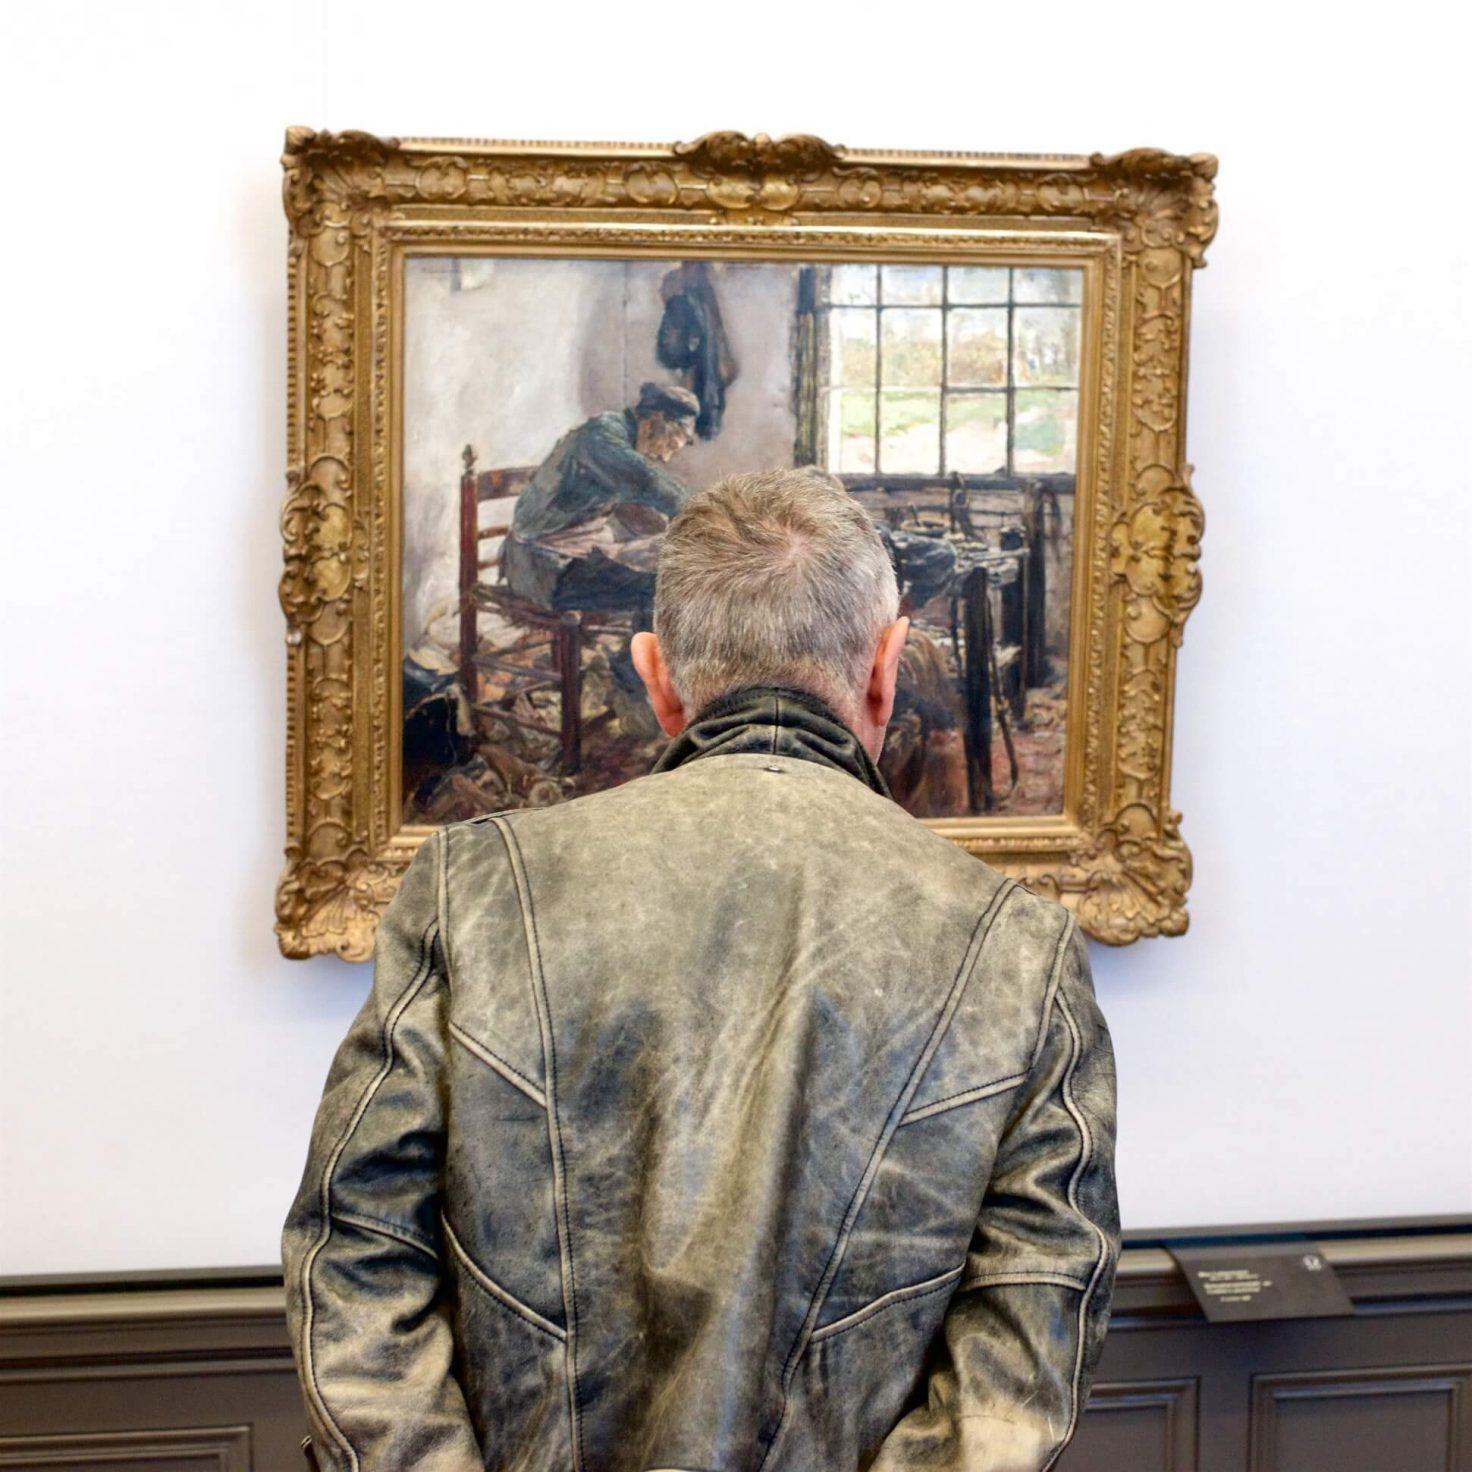 ग्रे जैकेट वाला आदमी कला का काम देखता है।